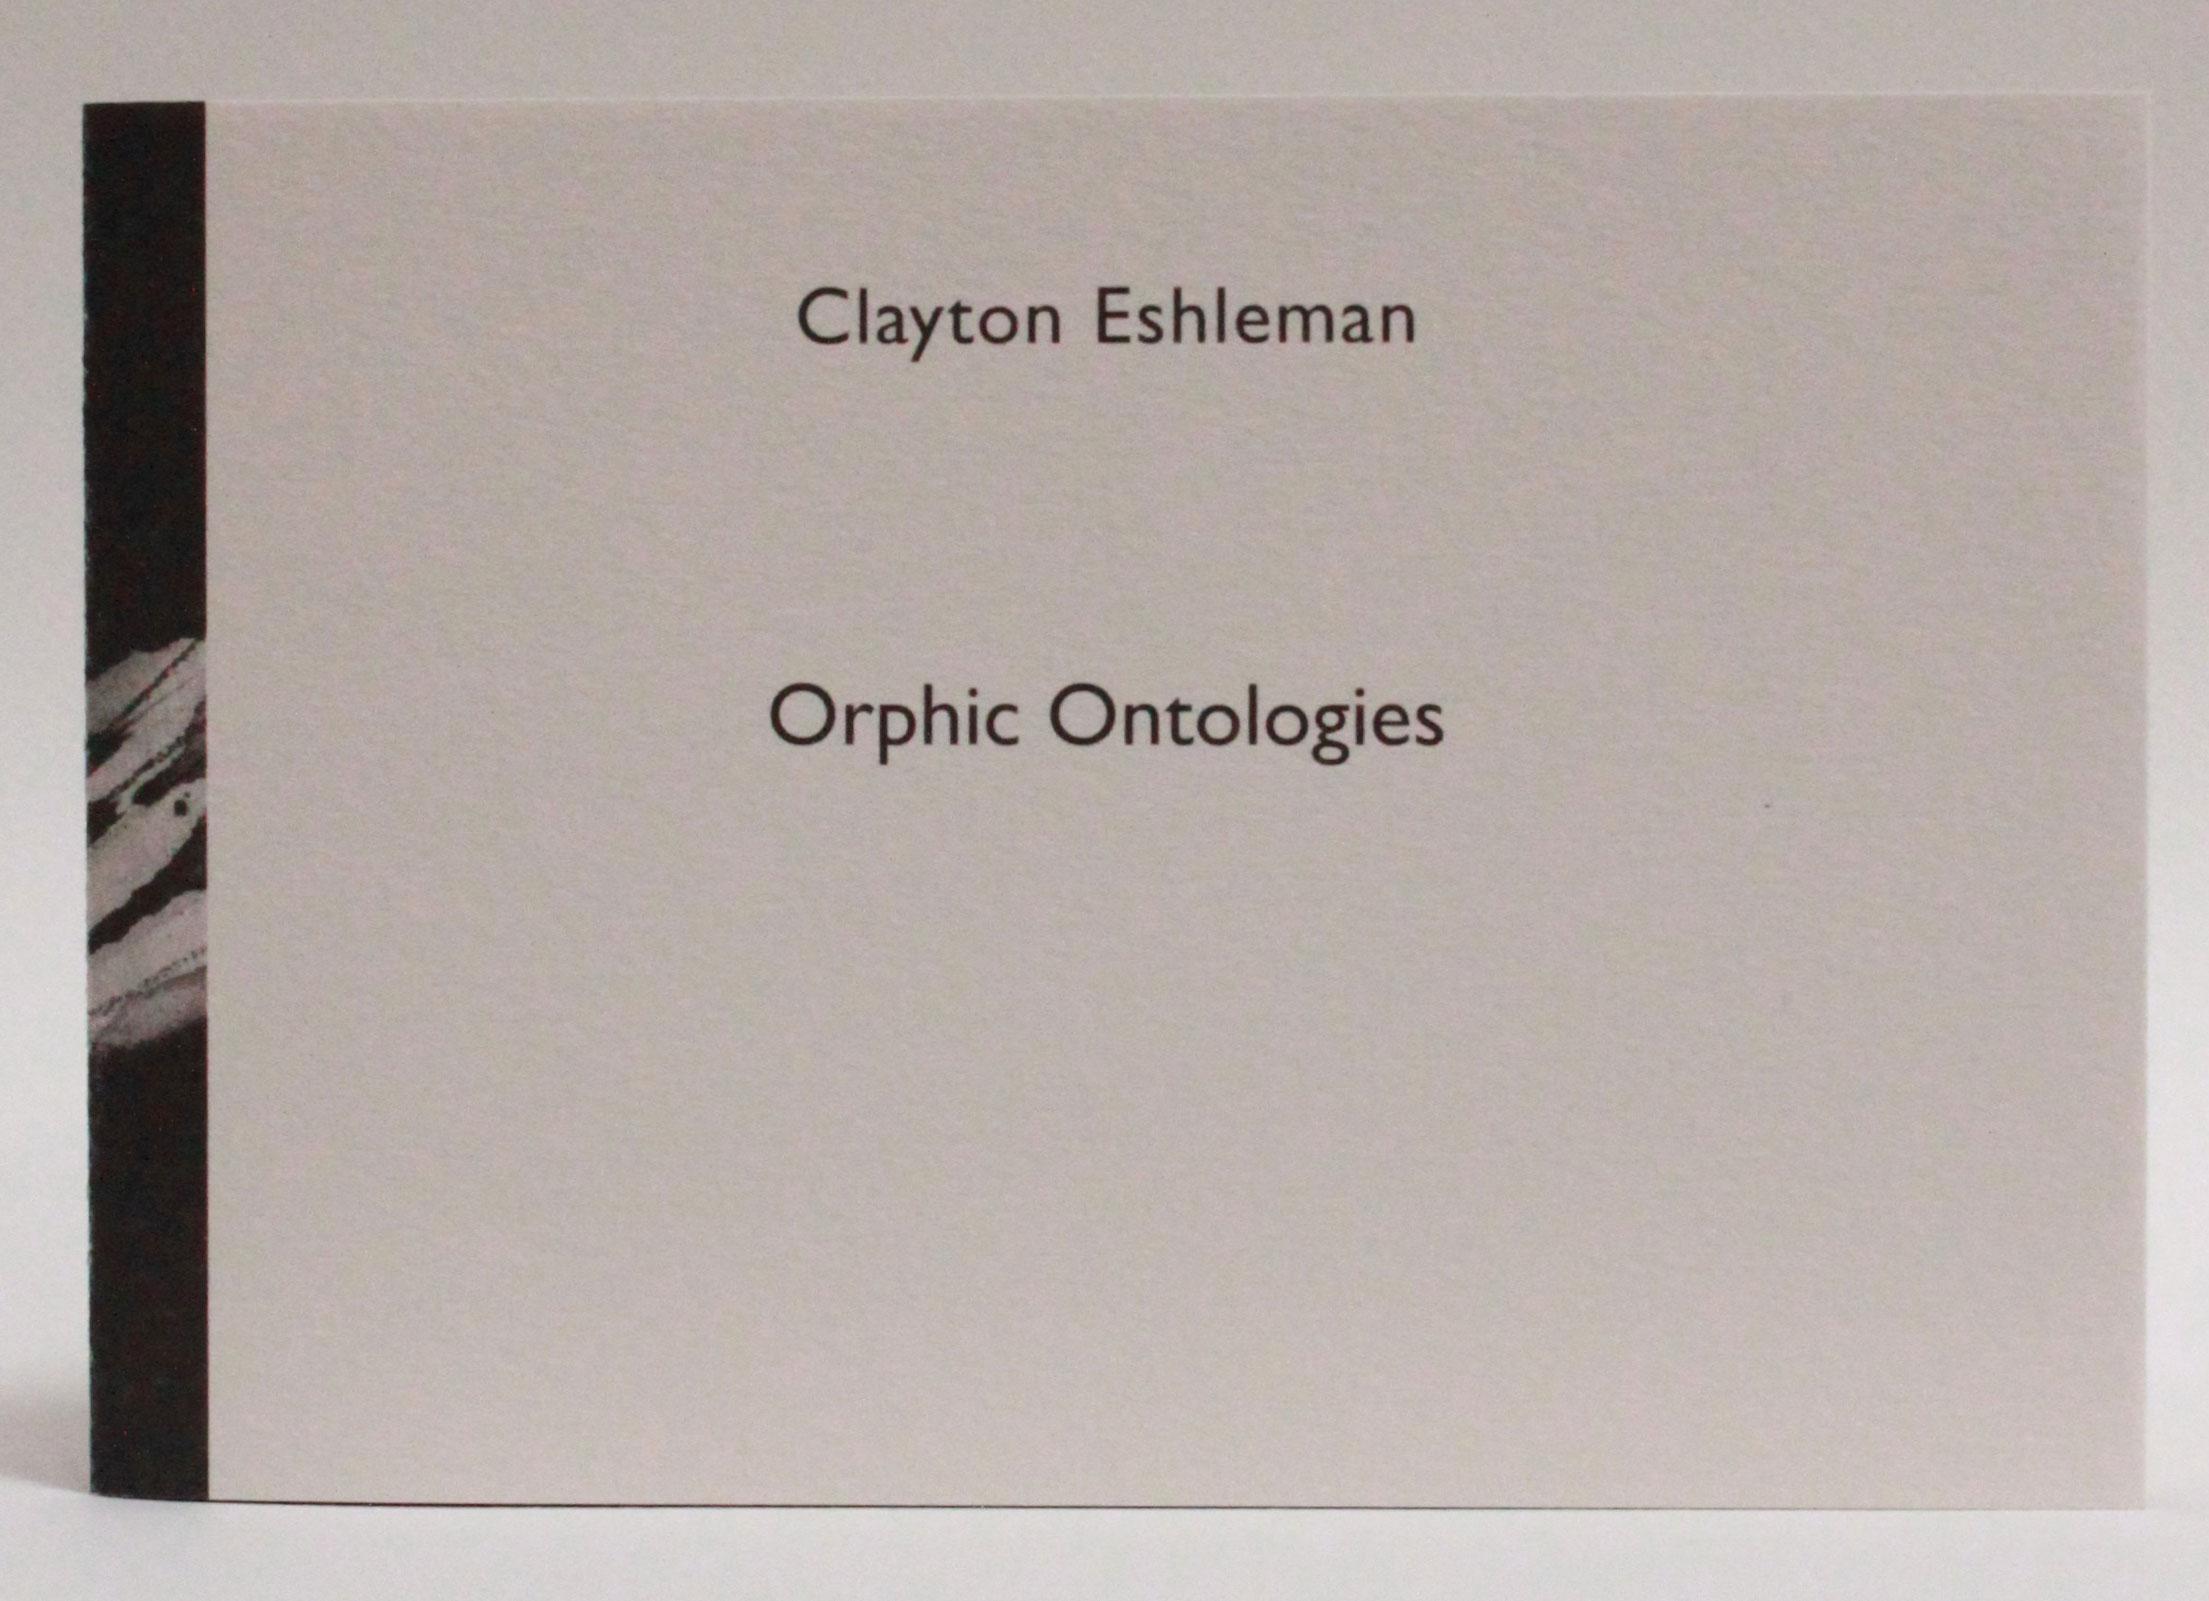 Orphic-jpg